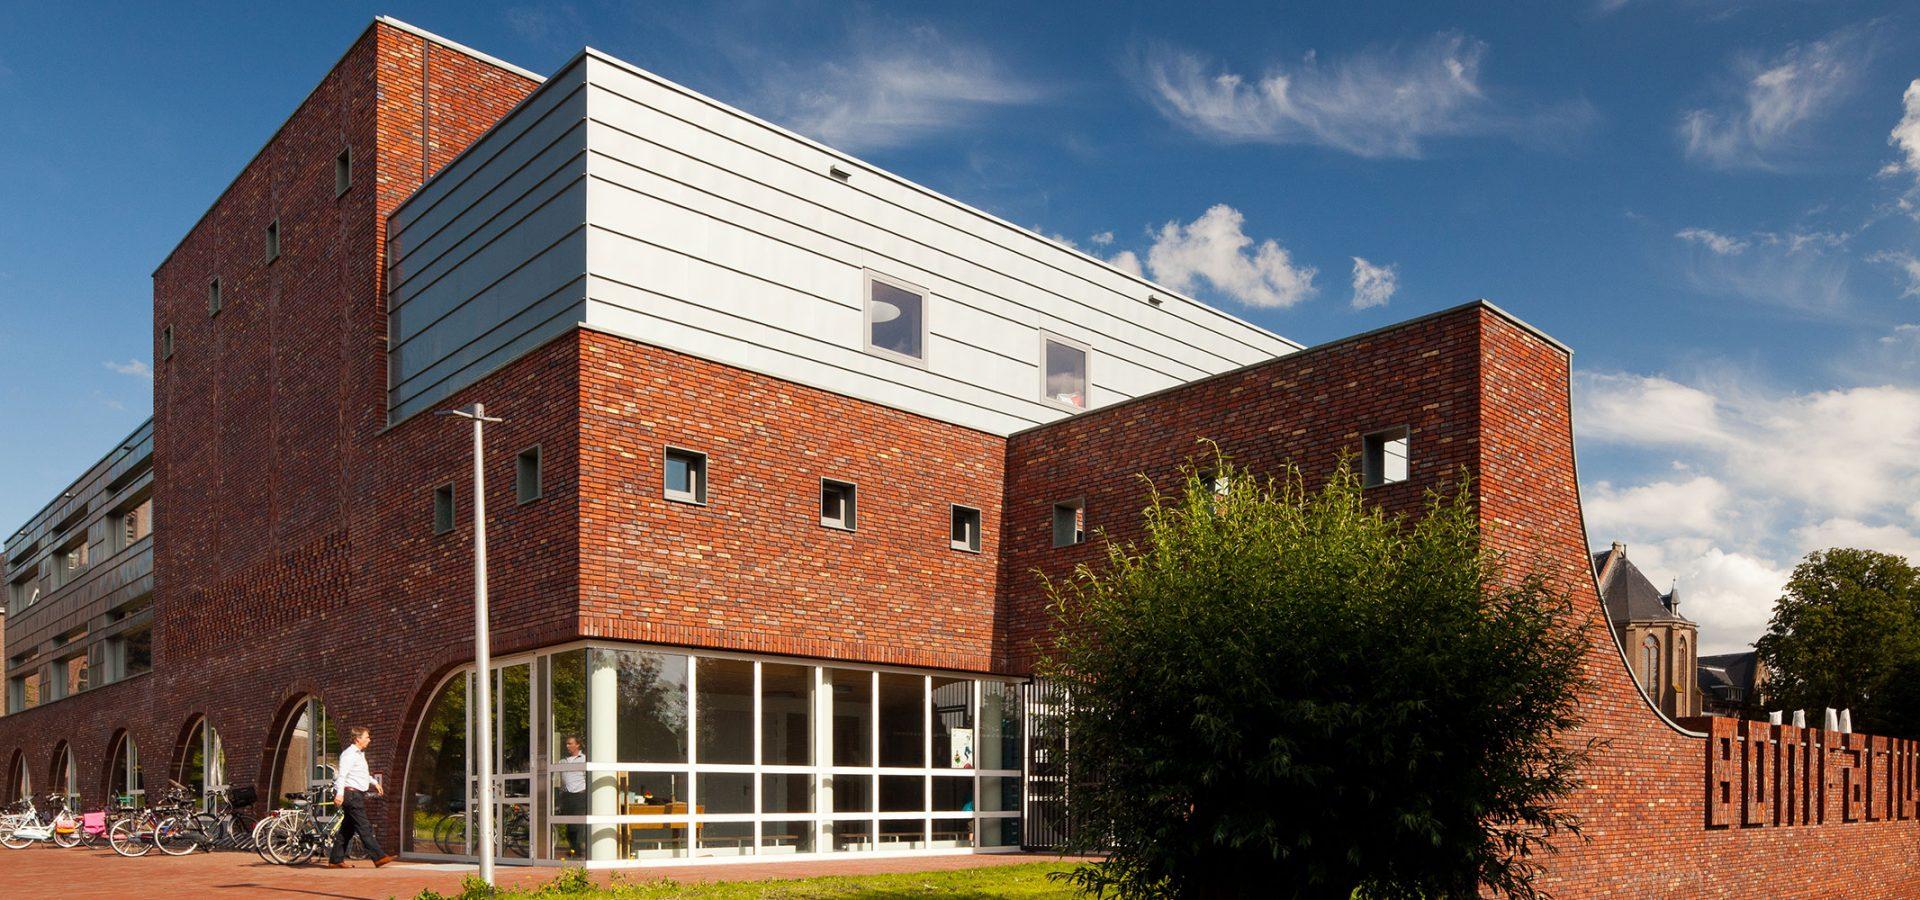 FARO architecten Bonifaciusschool Alphen aan den Rijn